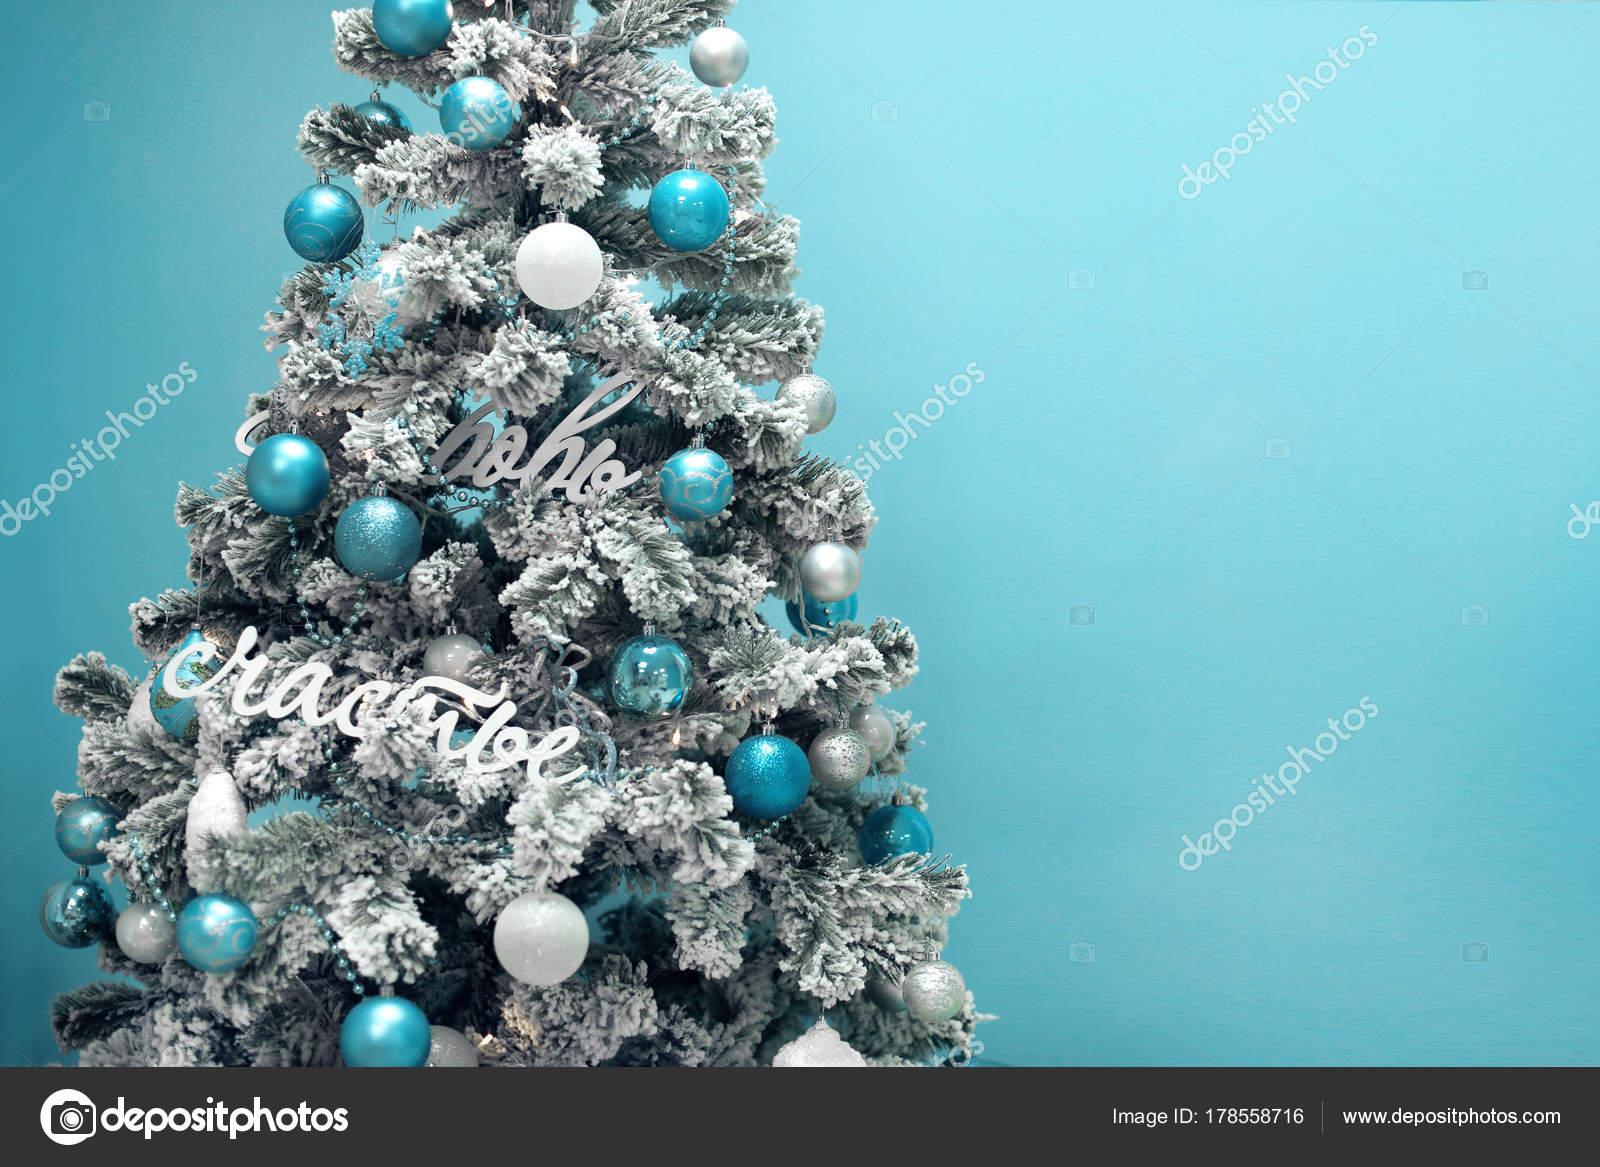 Albero Di Natale Con Decorazioni Blu : Albero di natale nevoso con decorazione regali blu isolato su turq